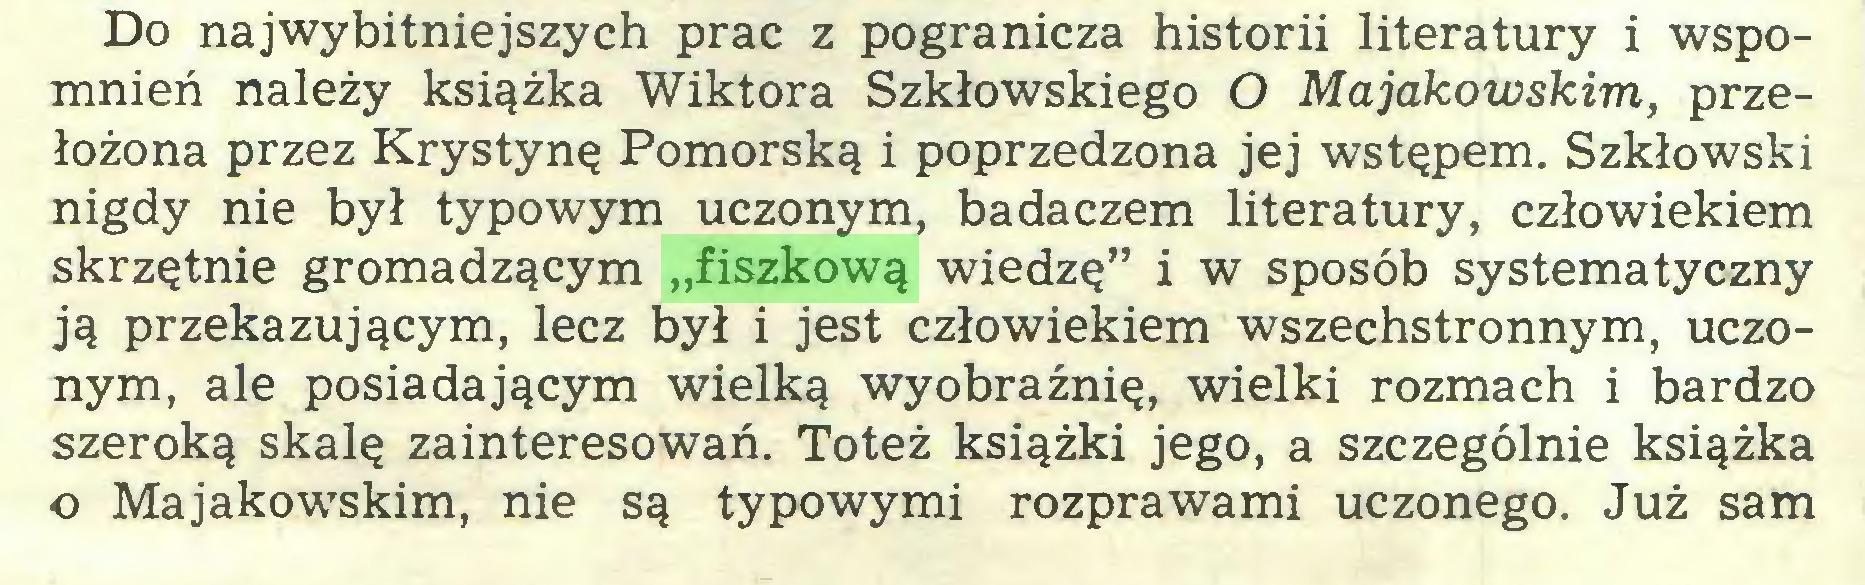 """(...) Do najwybitniejszych prac z pogranicza historii literatury i wspomnień należy książka Wiktora Szkłowskiego O Majakowskim, przełożona przez Krystynę Pomorską i poprzedzona jej wstępem. Szkłowski nigdy nie był typowym uczonym, badaczem literatury, człowiekiem skrzętnie gromadzącym """"fiszkową wiedzę"""" i w sposób systematyczny ją przekazującym, lecz był i jest człowiekiem wszechstronnym, uczonym, ale posiadającym wielką wyobraźnię, wielki rozmach i bardzo szeroką skalę zainteresowań. Toteż książki jego, a szczególnie książka o Majakowskim, nie są typowymi rozprawami uczonego. Już sam..."""